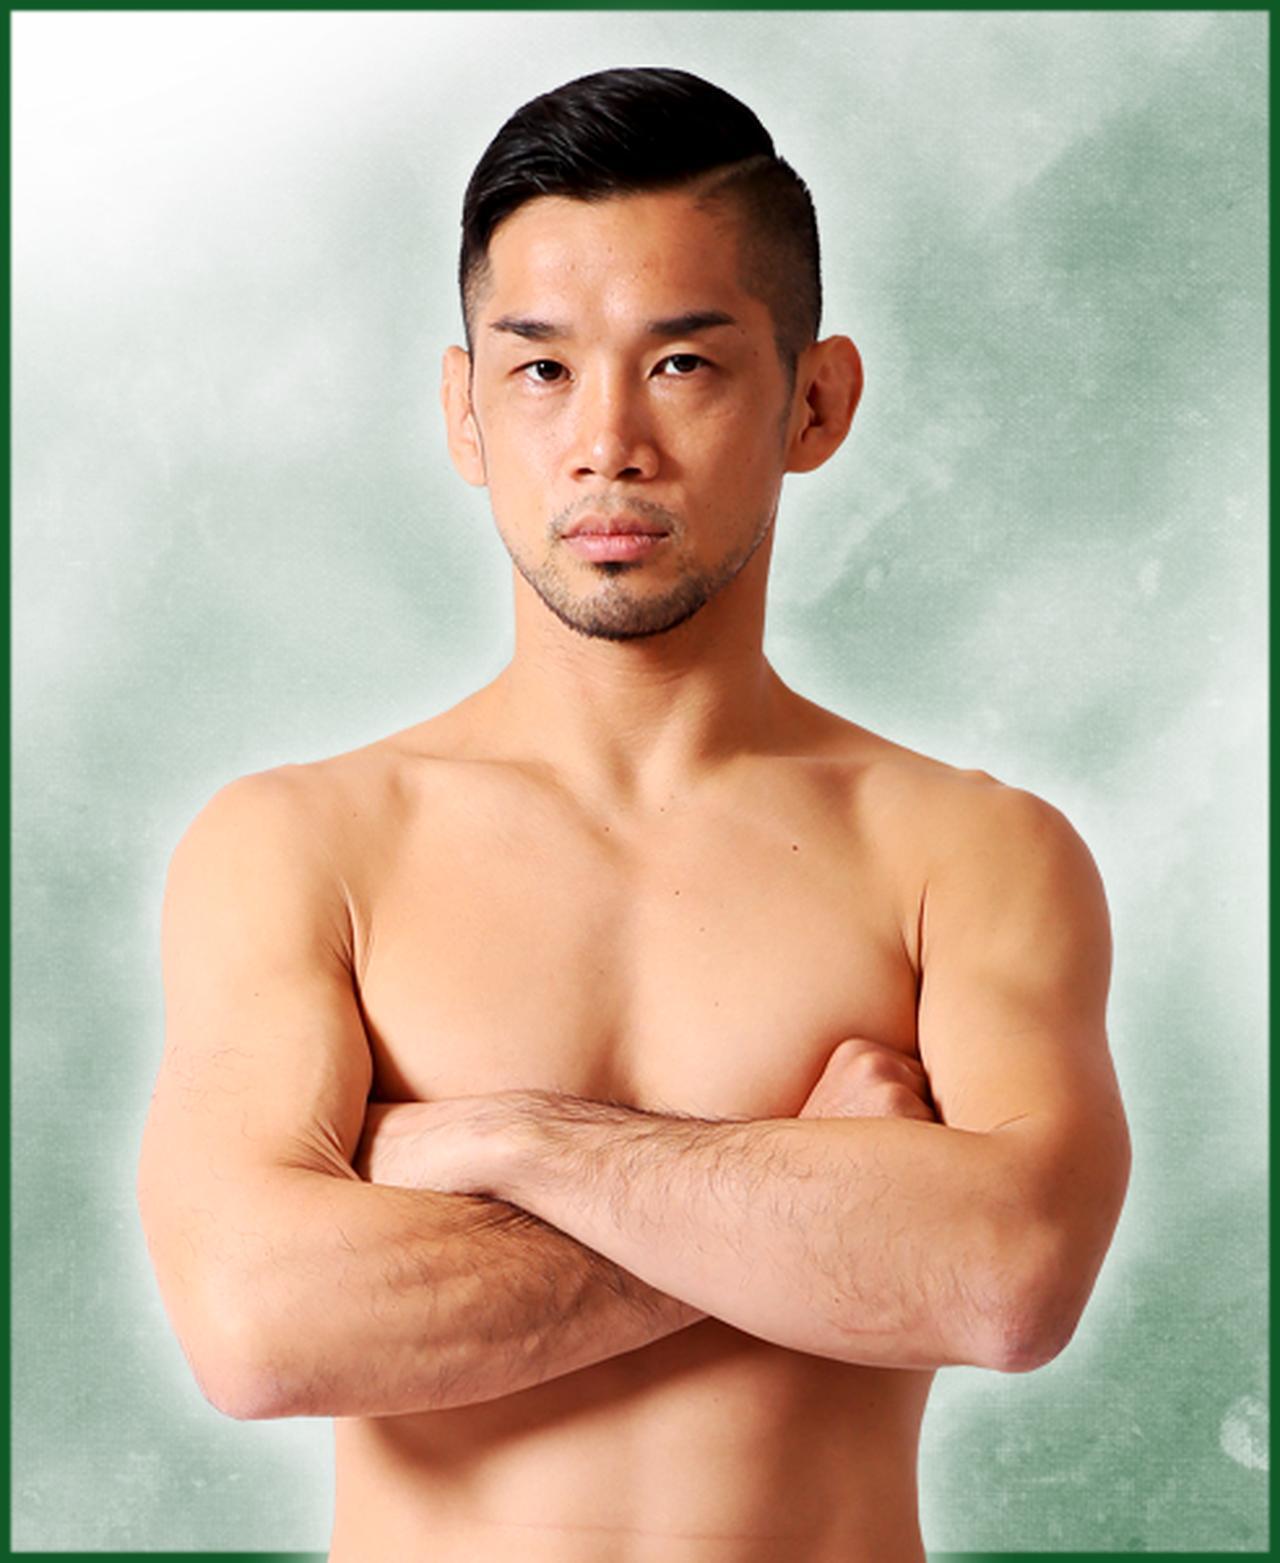 石渡選手の写真